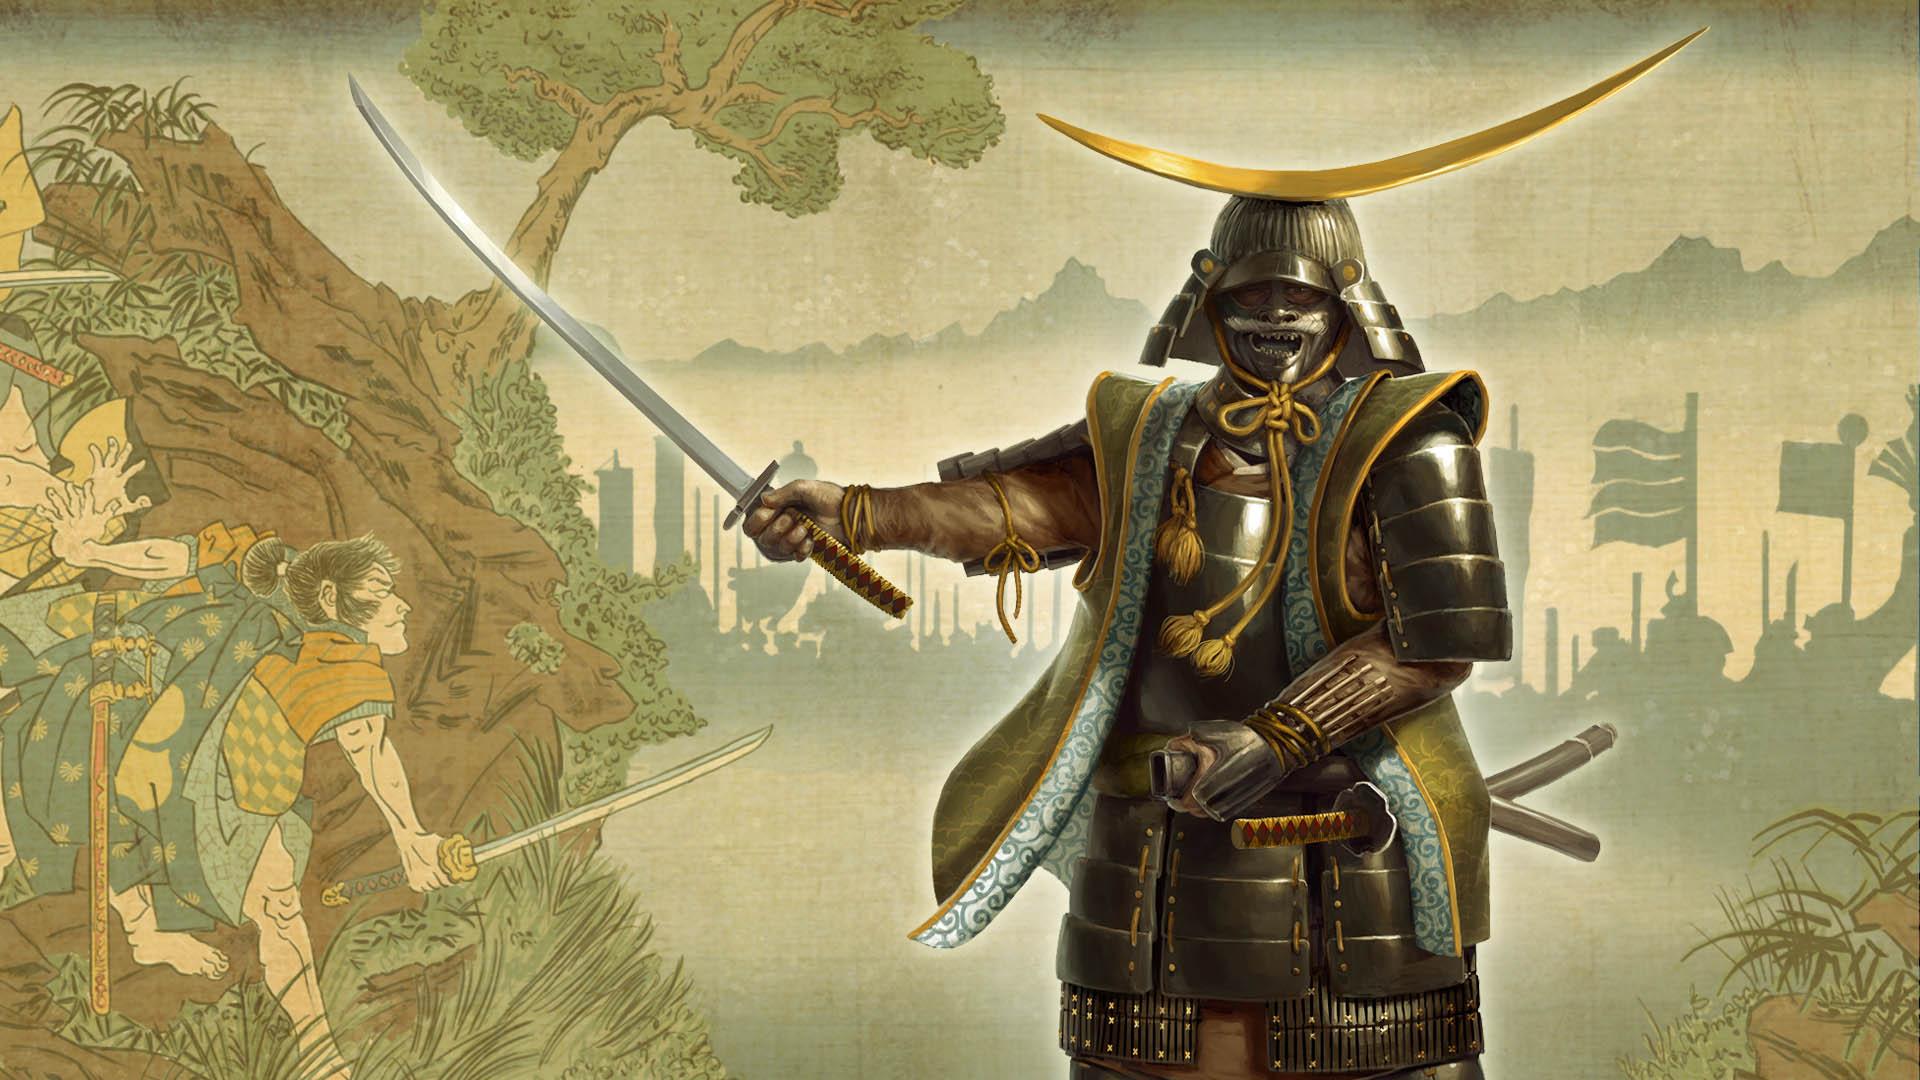 Shogun 2 Fall Of The Samurai Wallpaper Steam Card Exchange